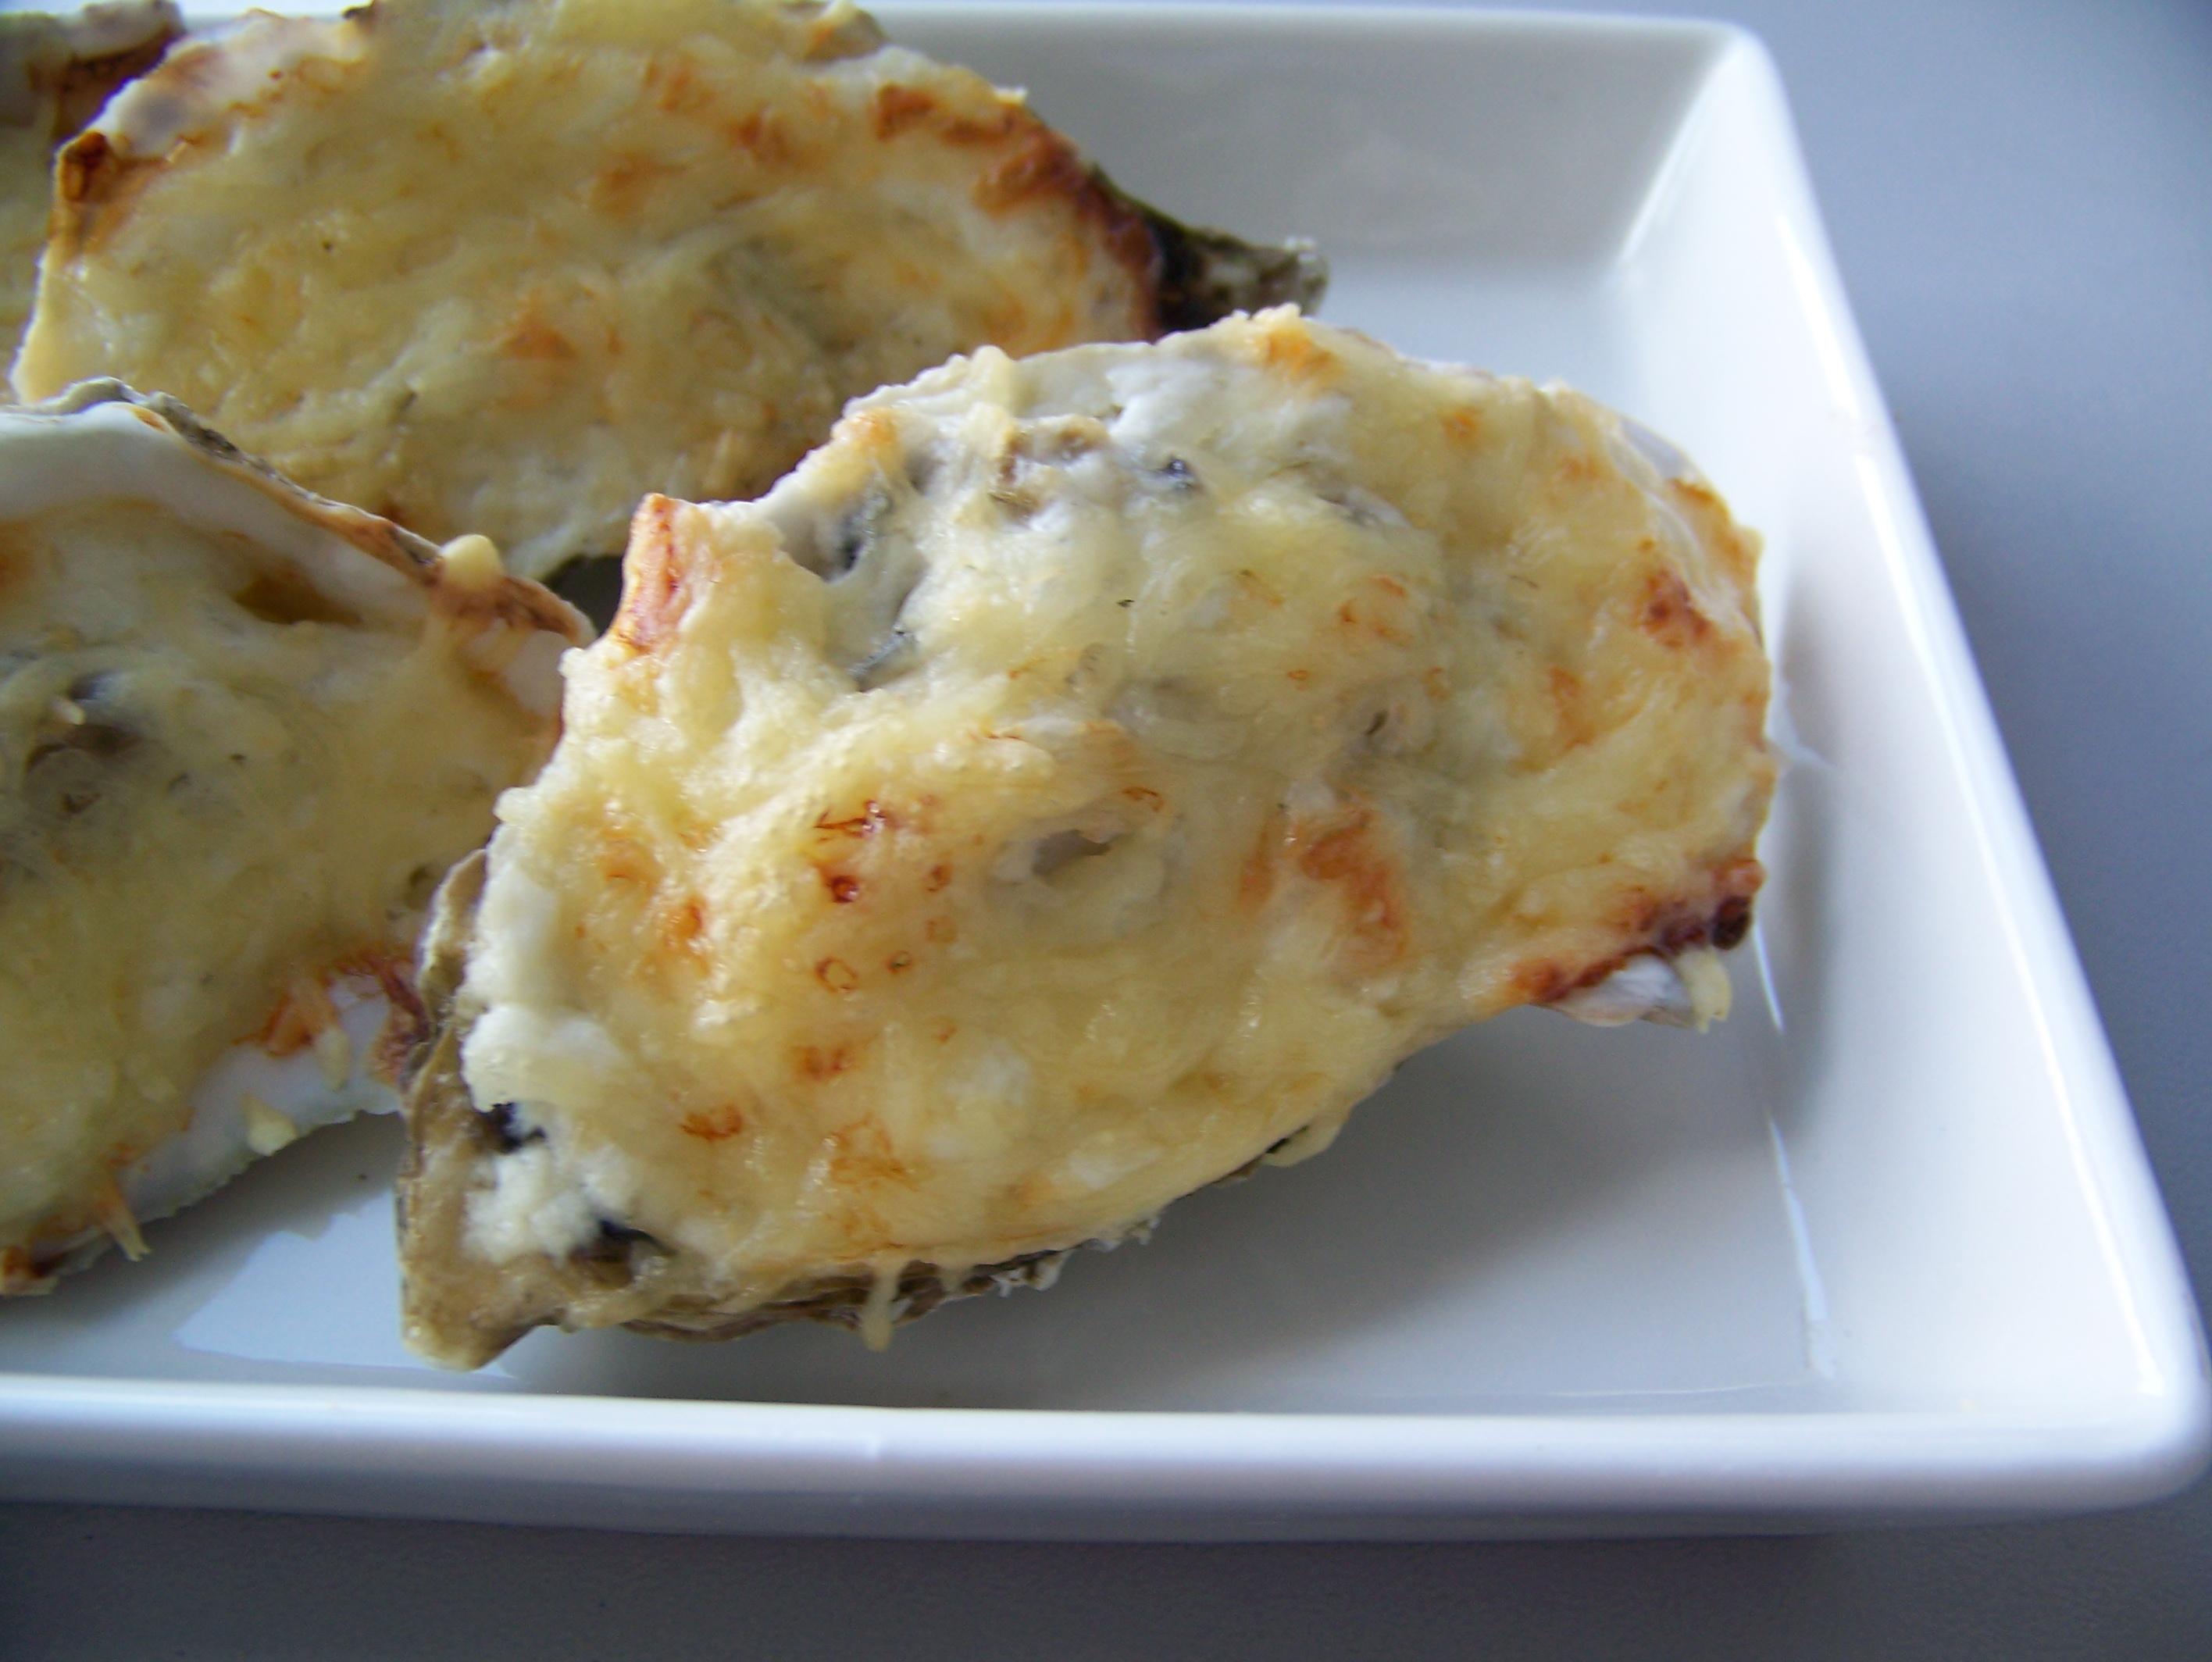 huîtres gratinées sur fondue de poireaux pour 2 personnes